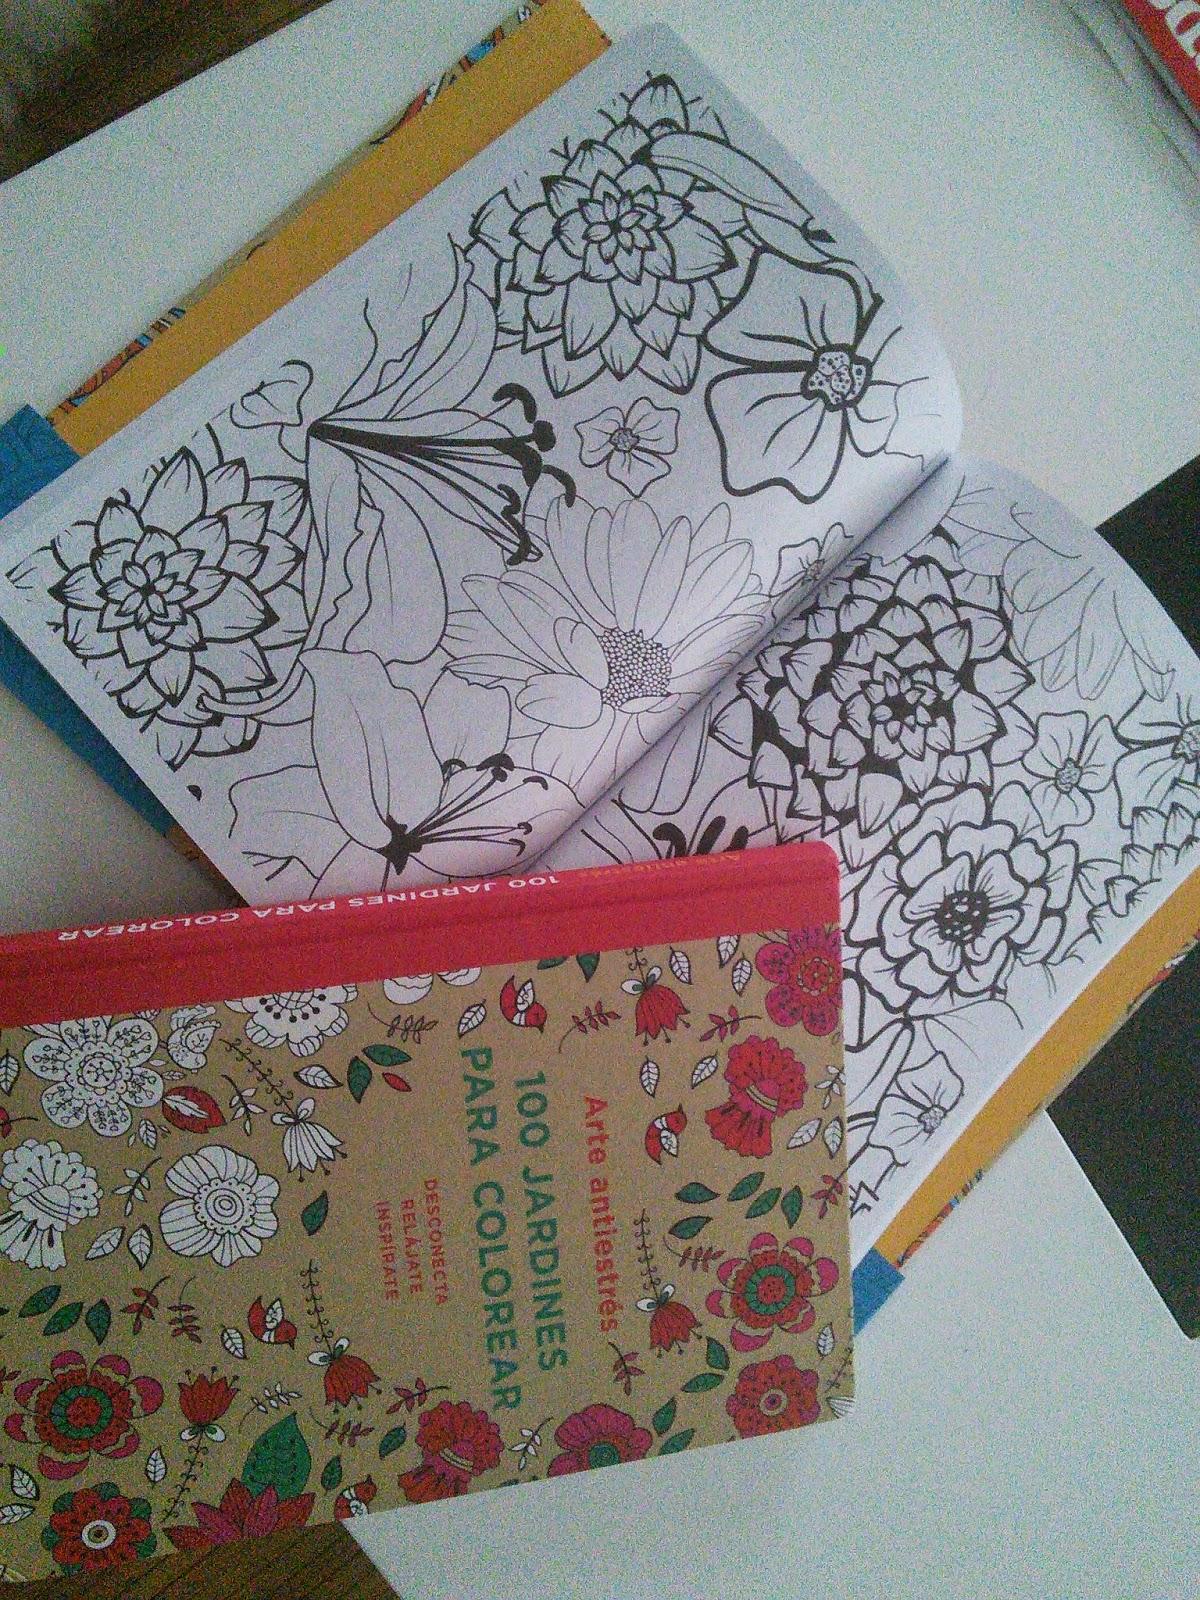 Libros que hay que leer: Arte antiestrés